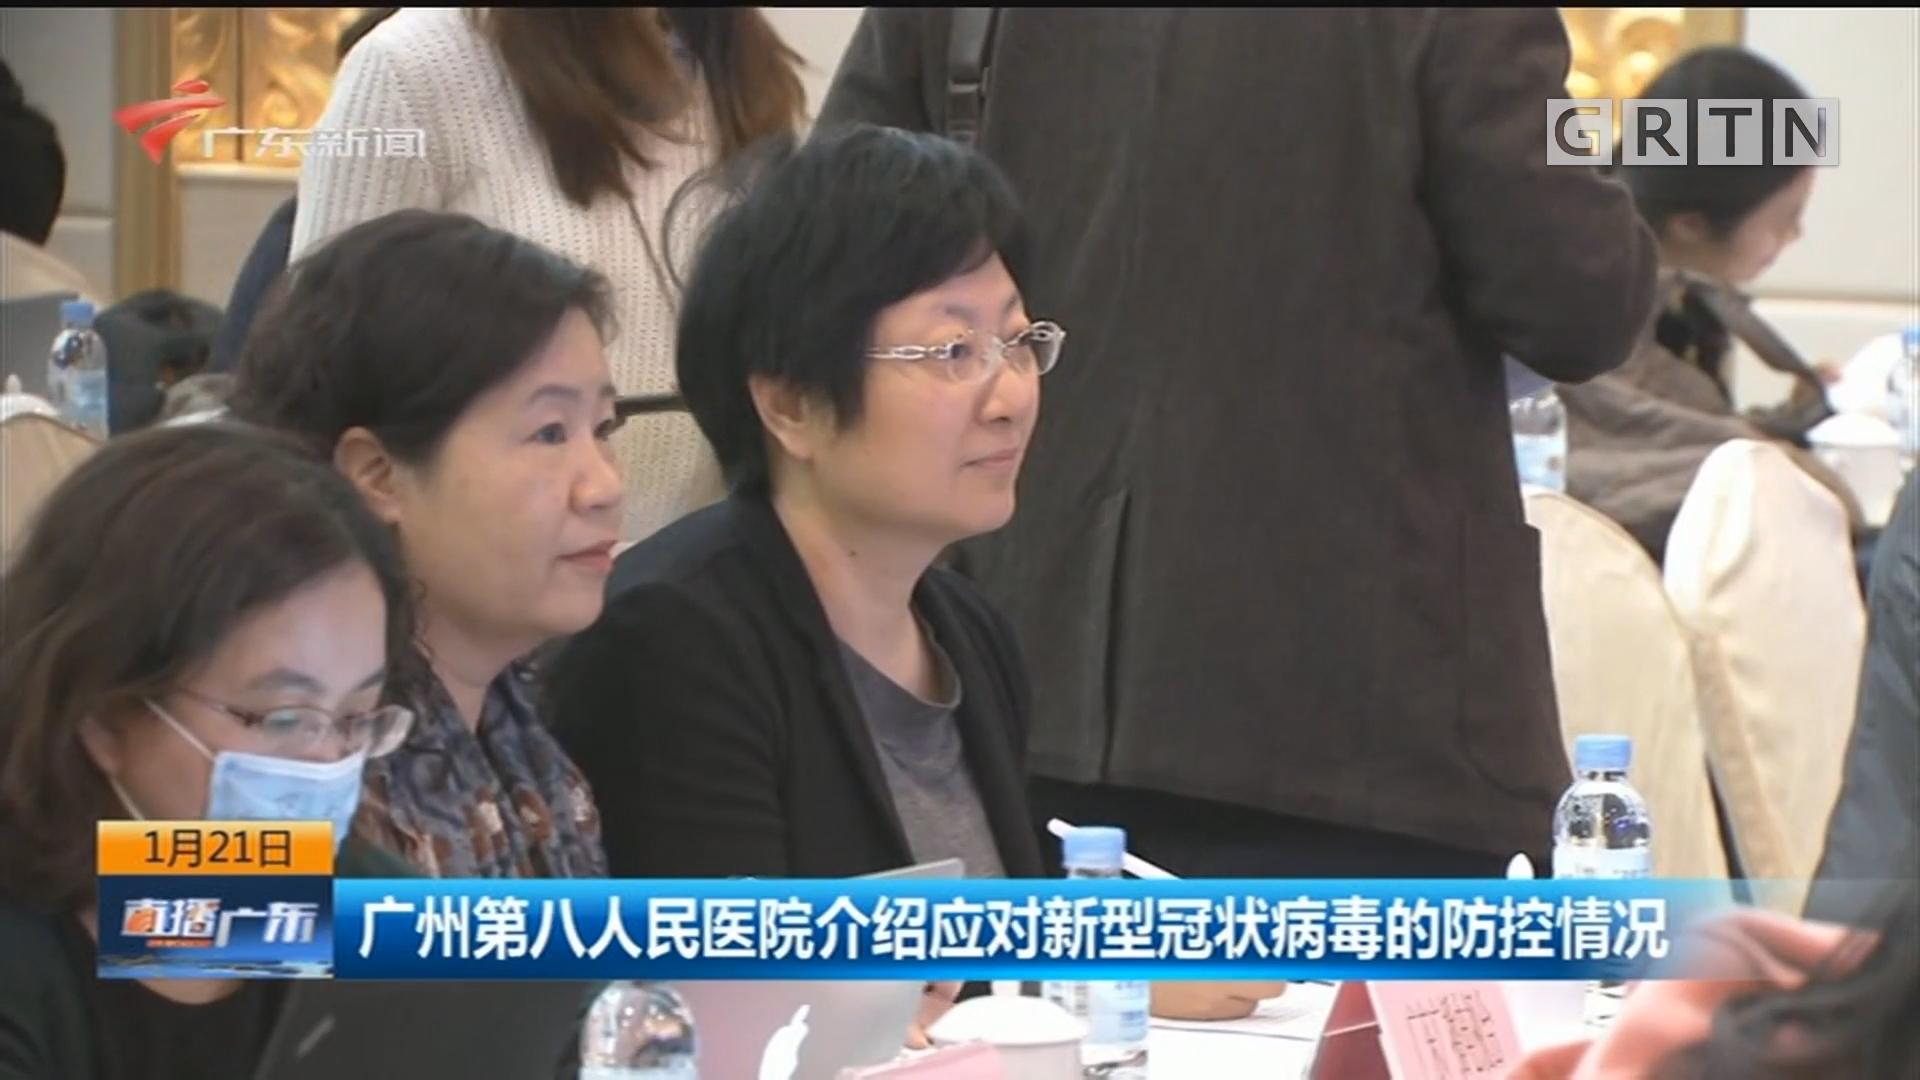 广州第八人民医院介绍应对新型冠状病毒的防控情况